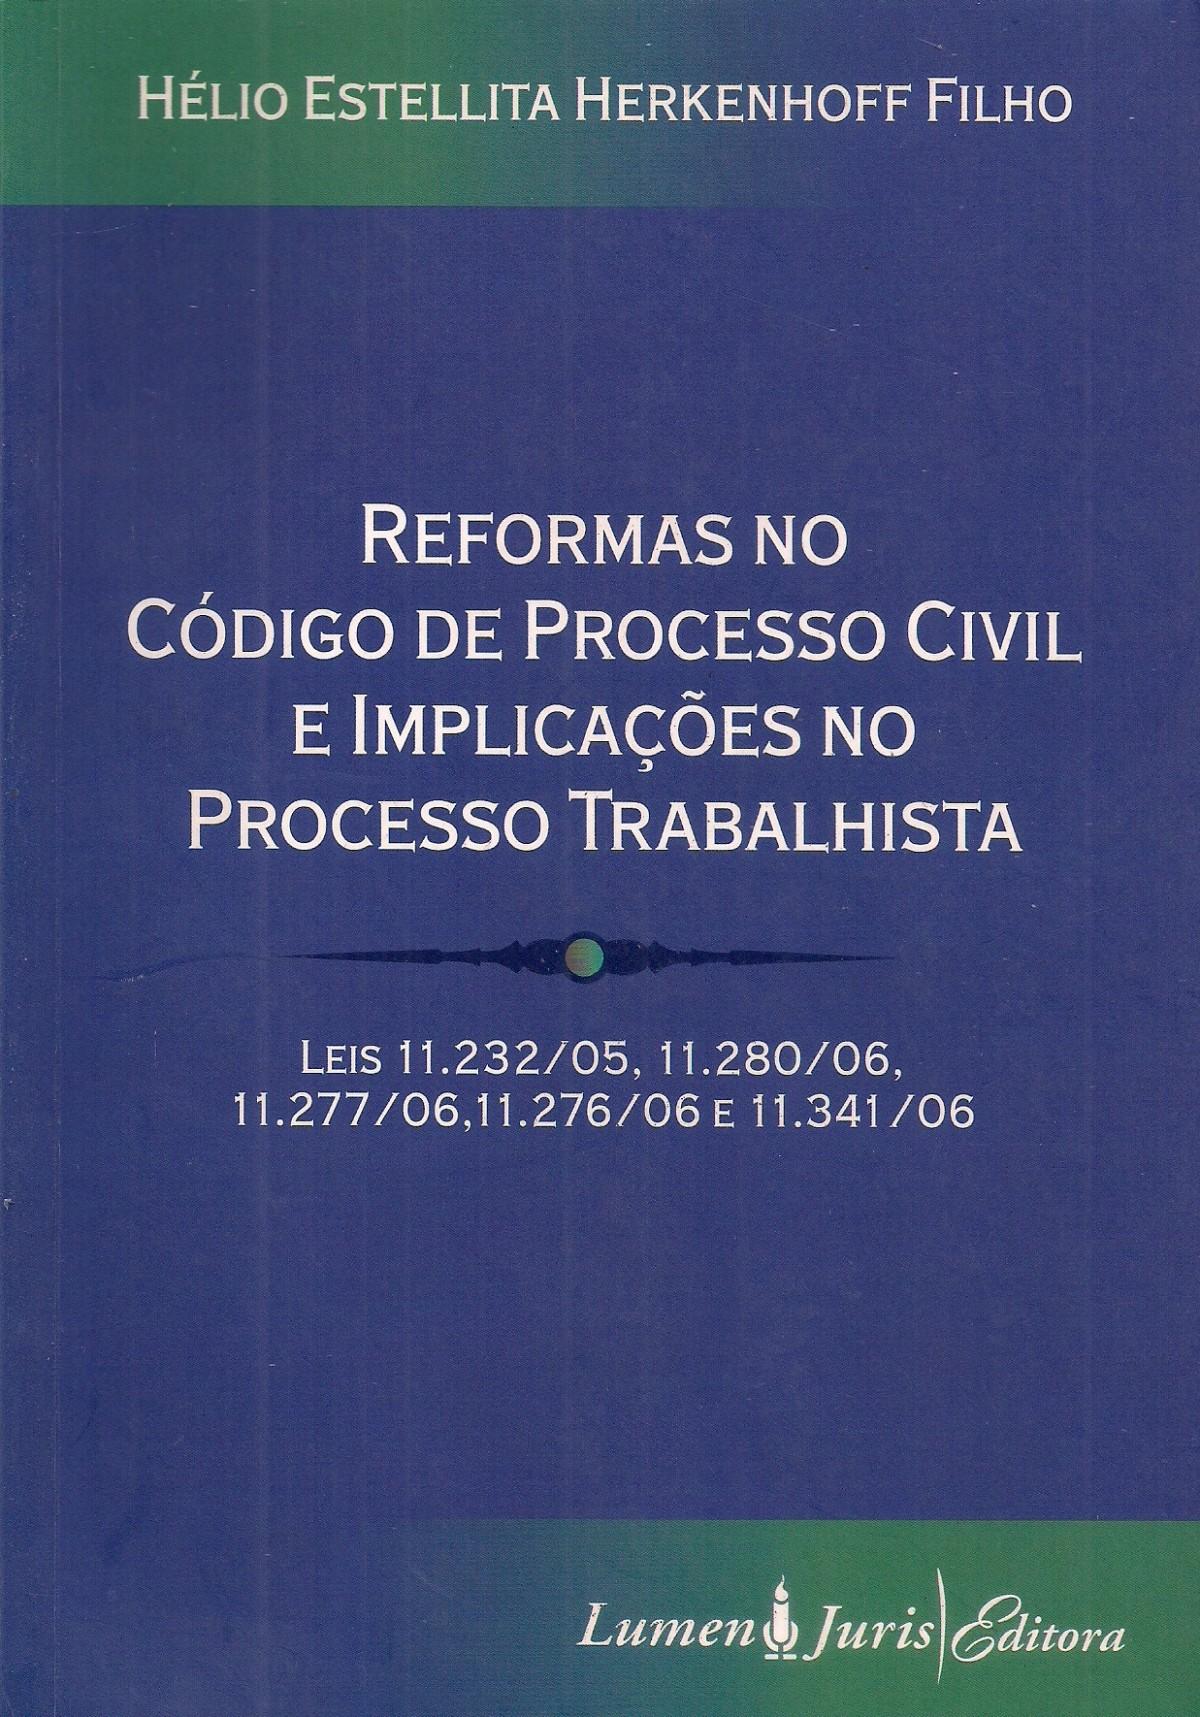 Foto 1 - Reformas no Código de Processo Civil e Implicações no Processo Trabalhista